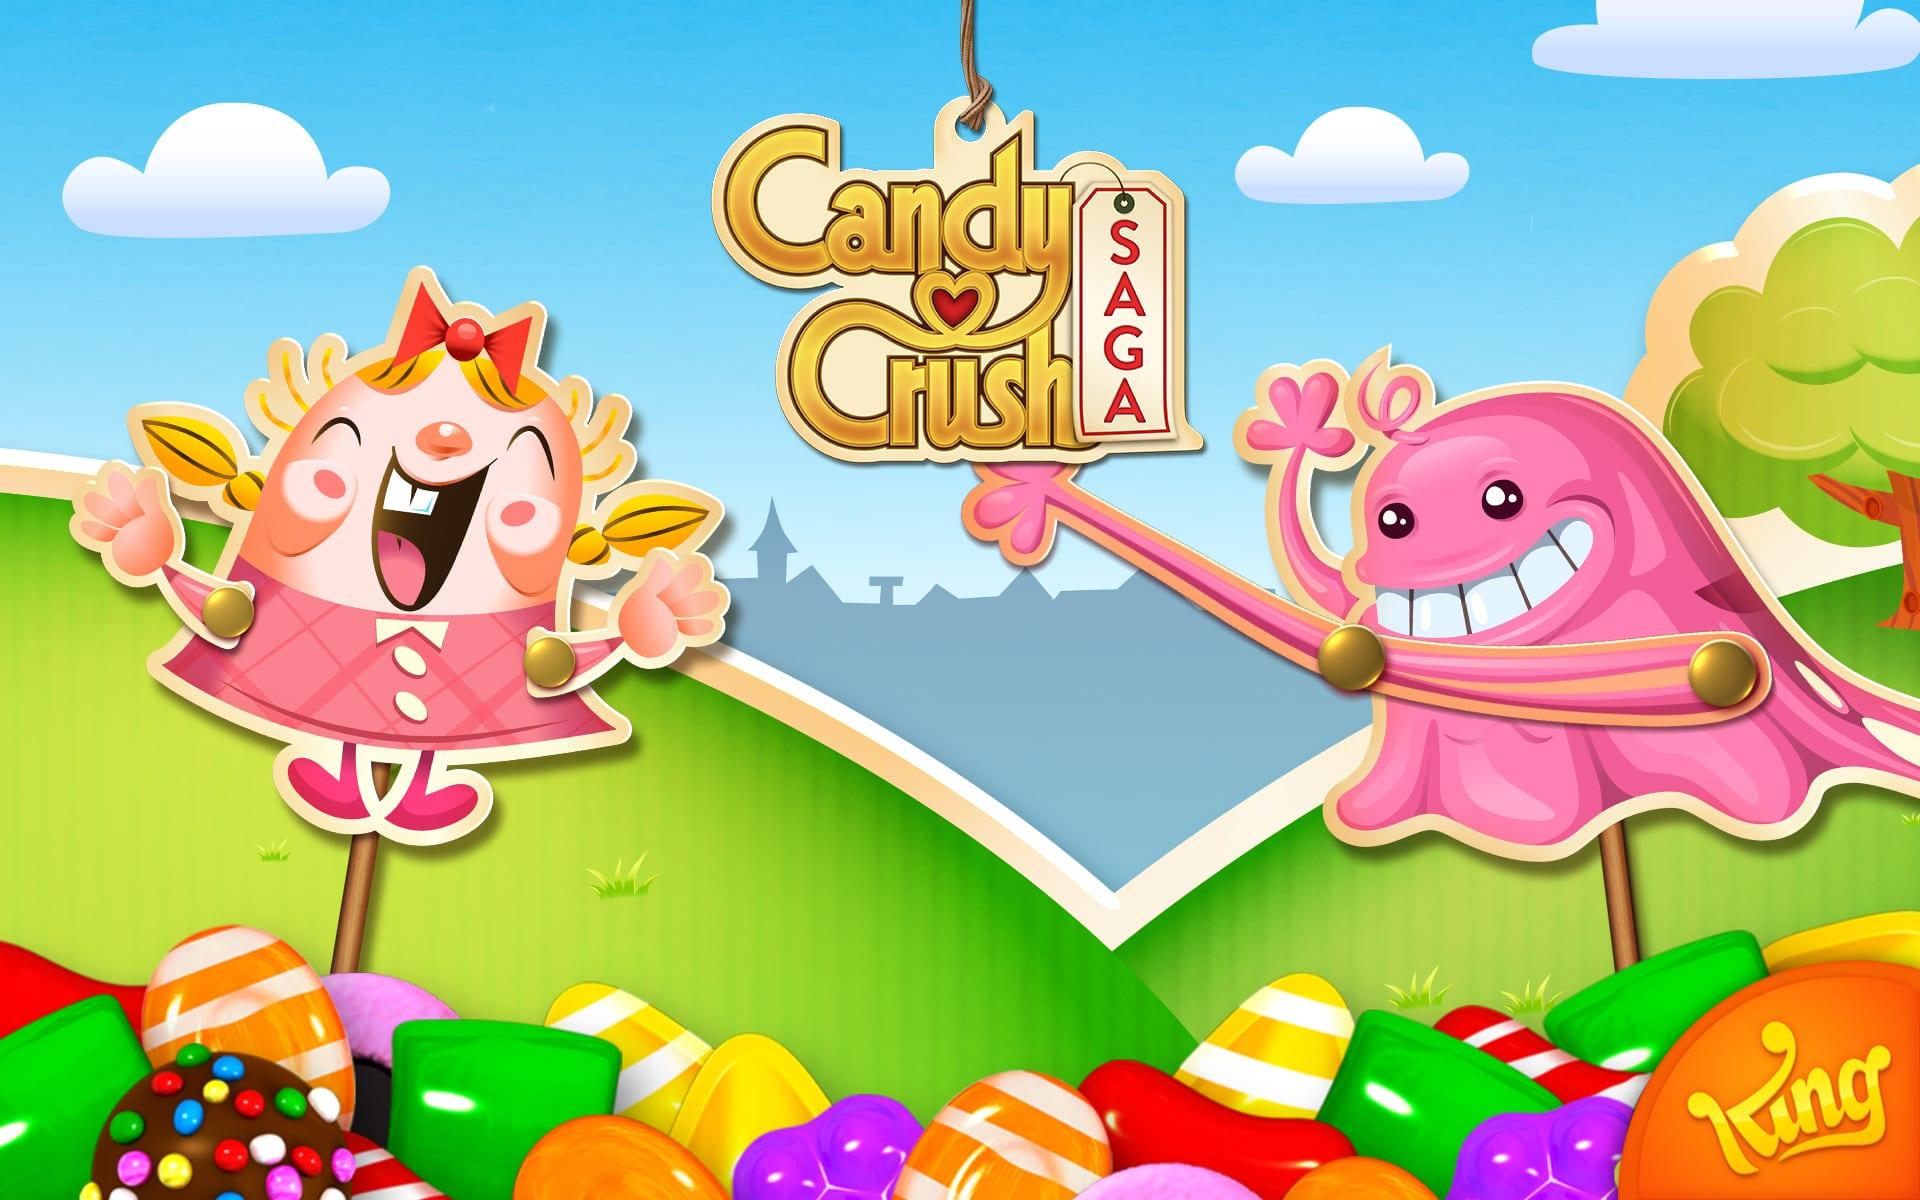 لعبة كاندي كراش كاملة للكمبيوتر